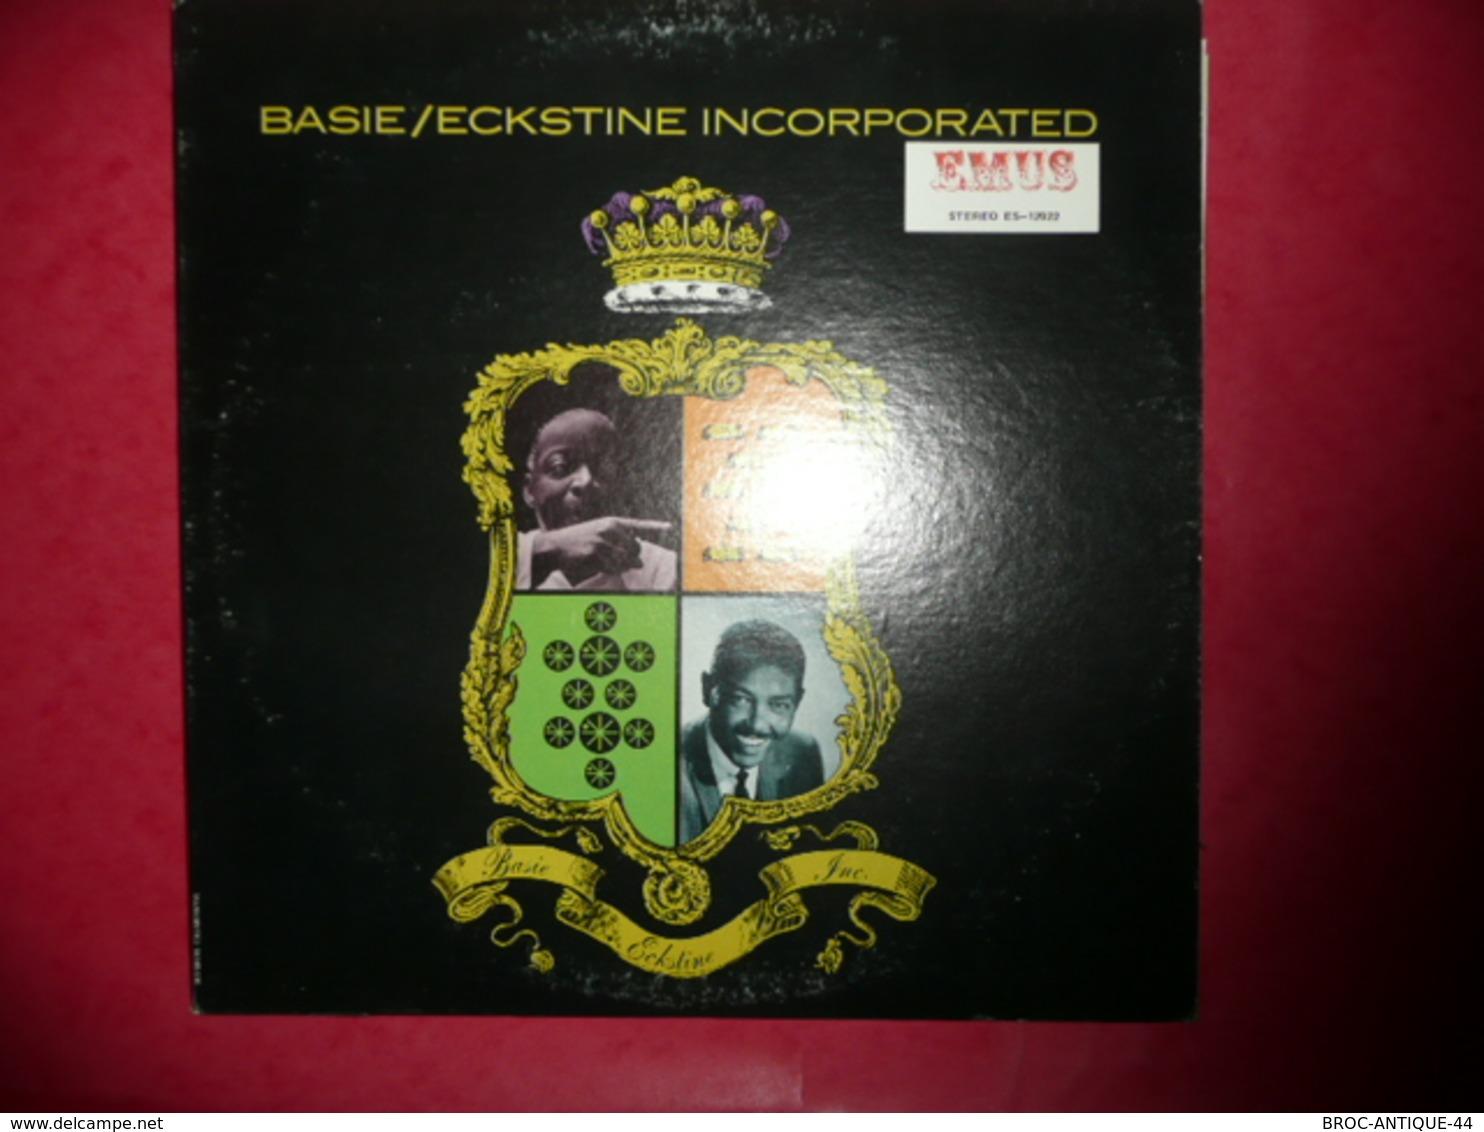 LP33 N°574 - BASIE / ECKSTINE INCORPORATED - COMPILATION 12 TITRES - Jazz